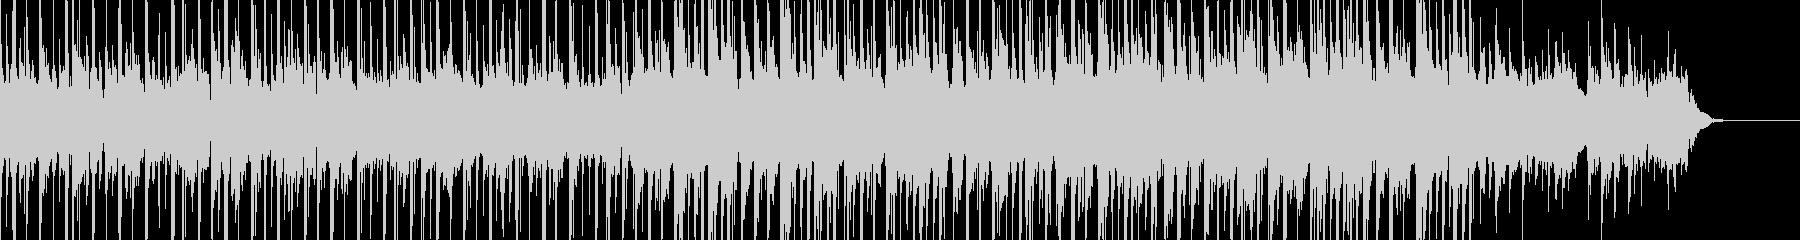 ループ可、カワイイ、CM、ビートとシンセの未再生の波形